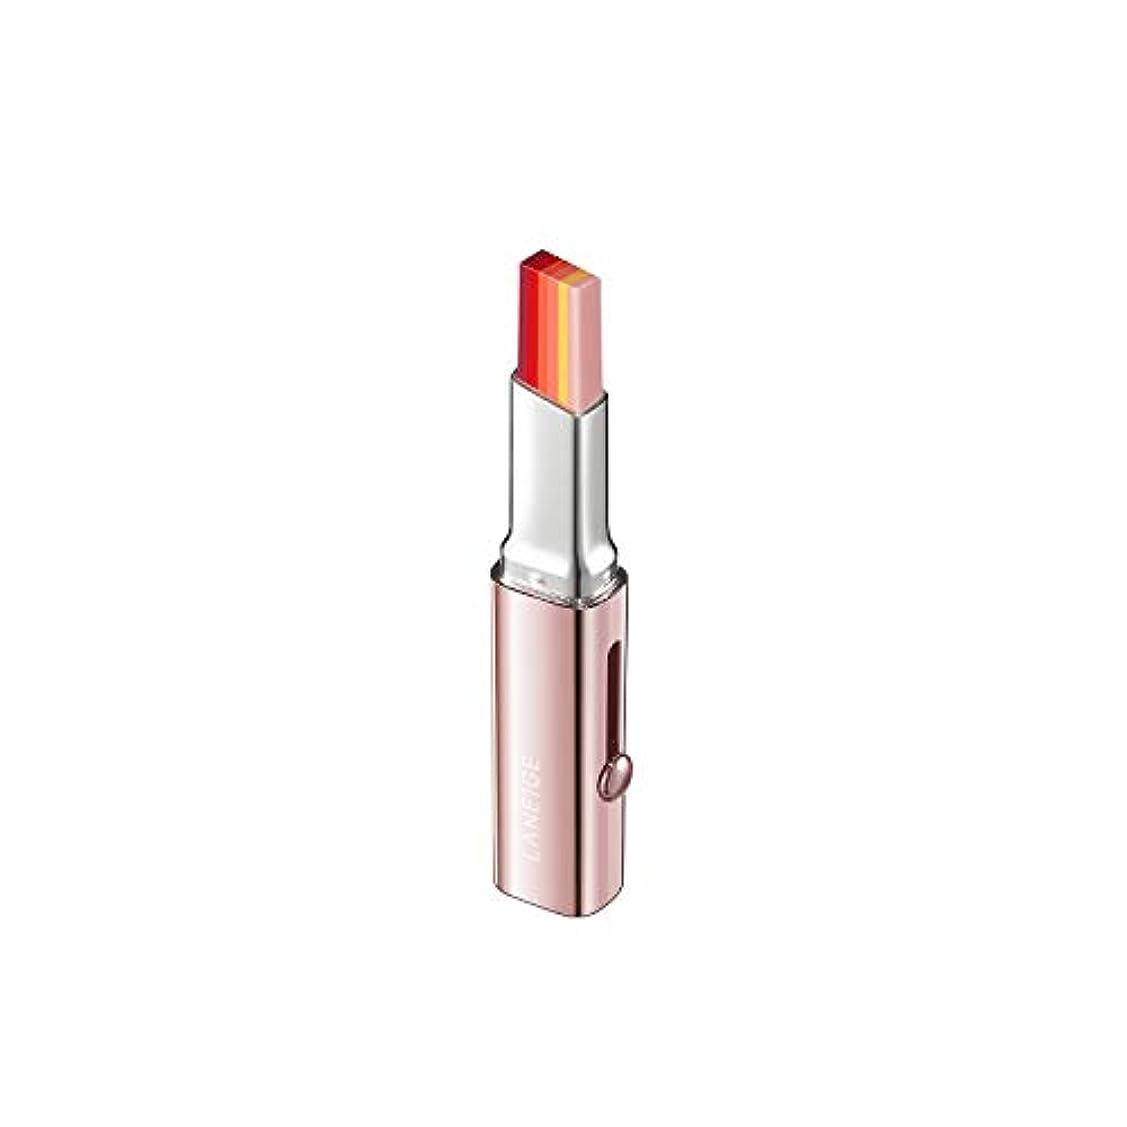 不愉快に遺棄された寮【ラネージュ】階層リップバー(1.9G)/ Layering Lip Bar-6つのカラーでのグラデーションカラー演出 (#1 LAYERING FANTASY)